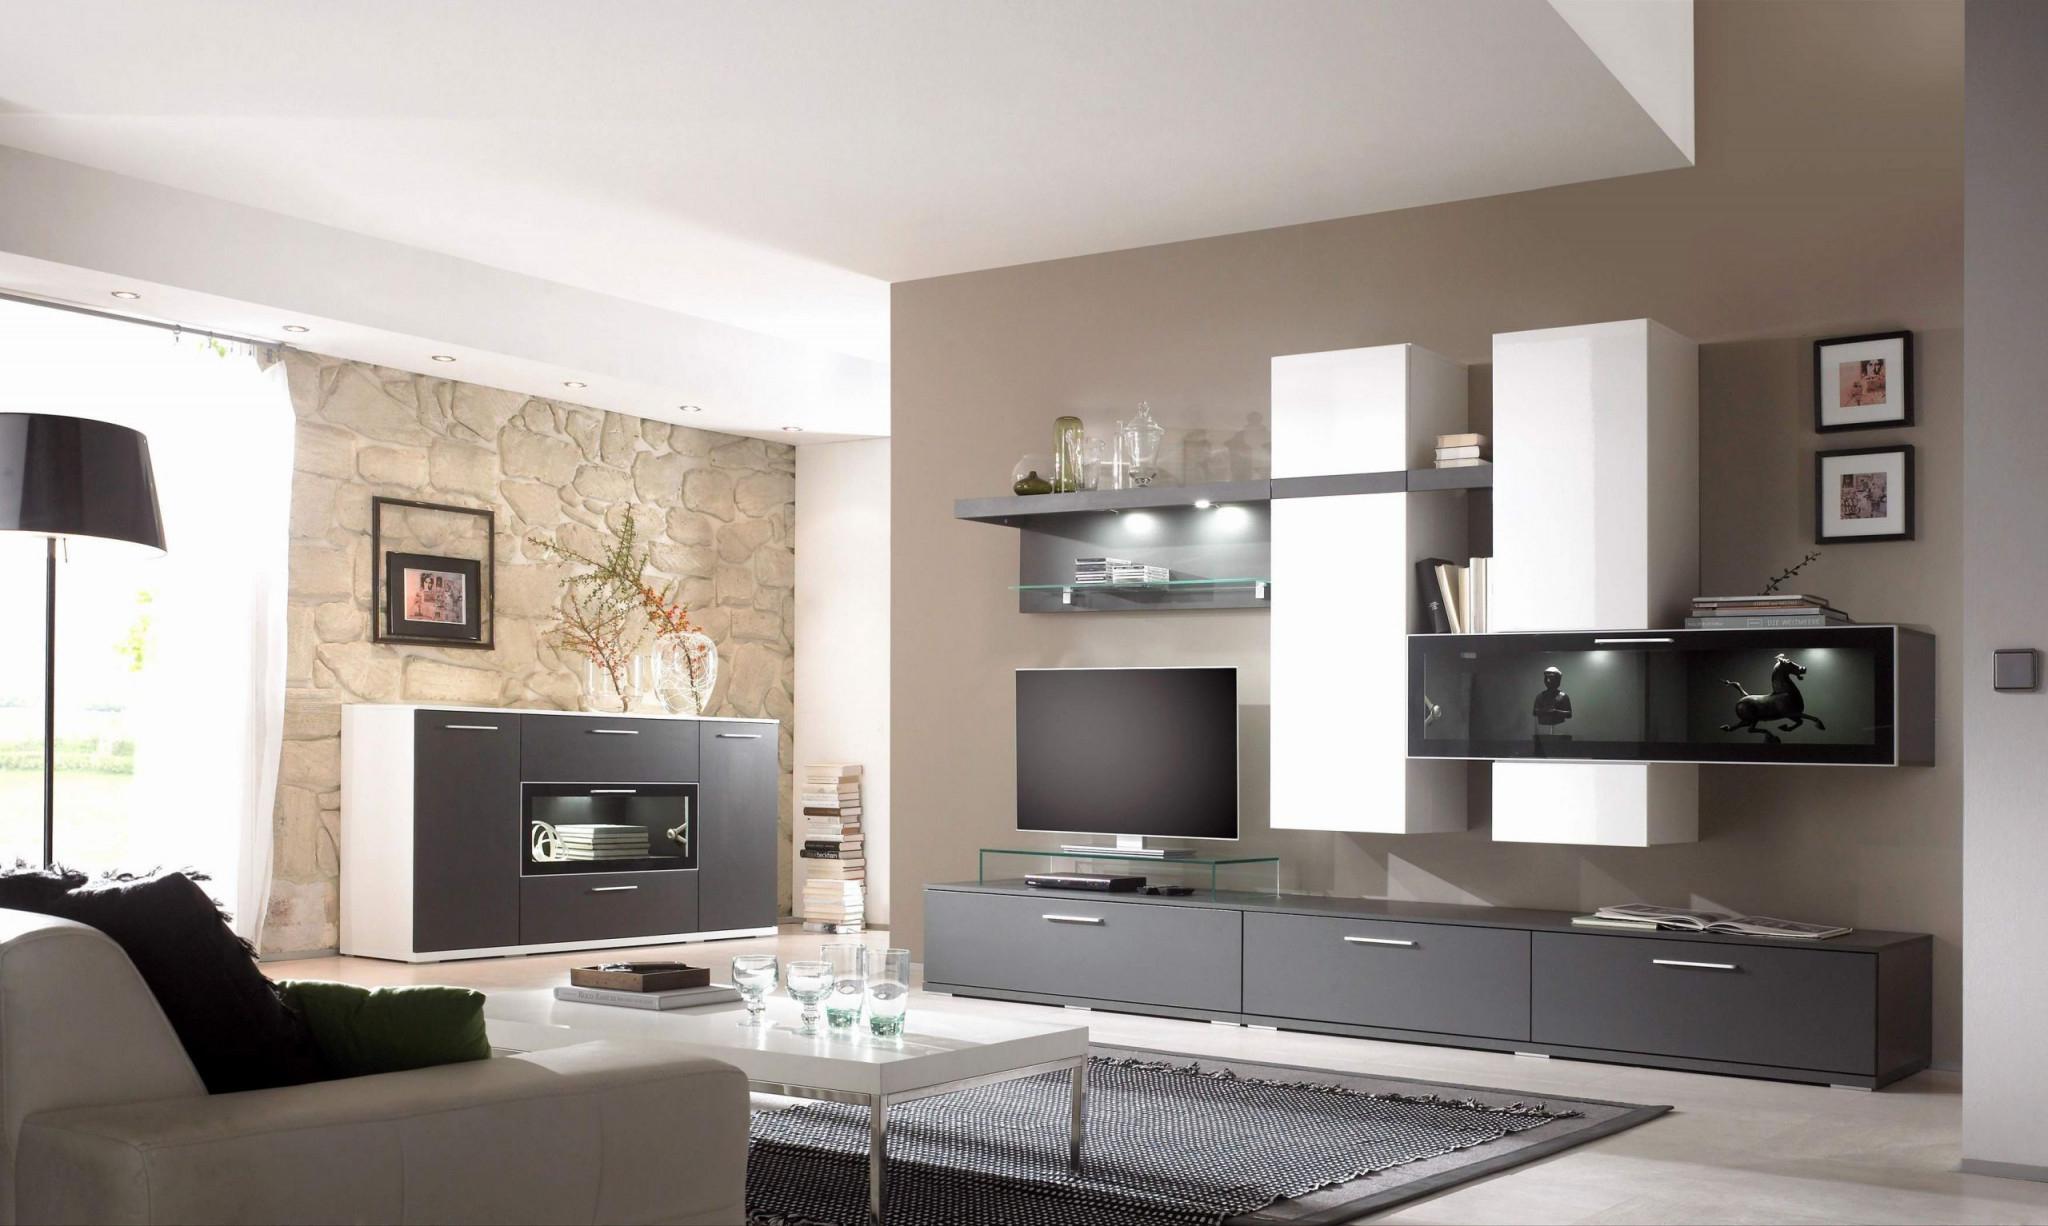 33 Schön Bilder Fürs Wohnzimmer Leinwand Neu  Wohnzimmer Frisch von Bilder Fürs Wohnzimmer Leinwand Bild